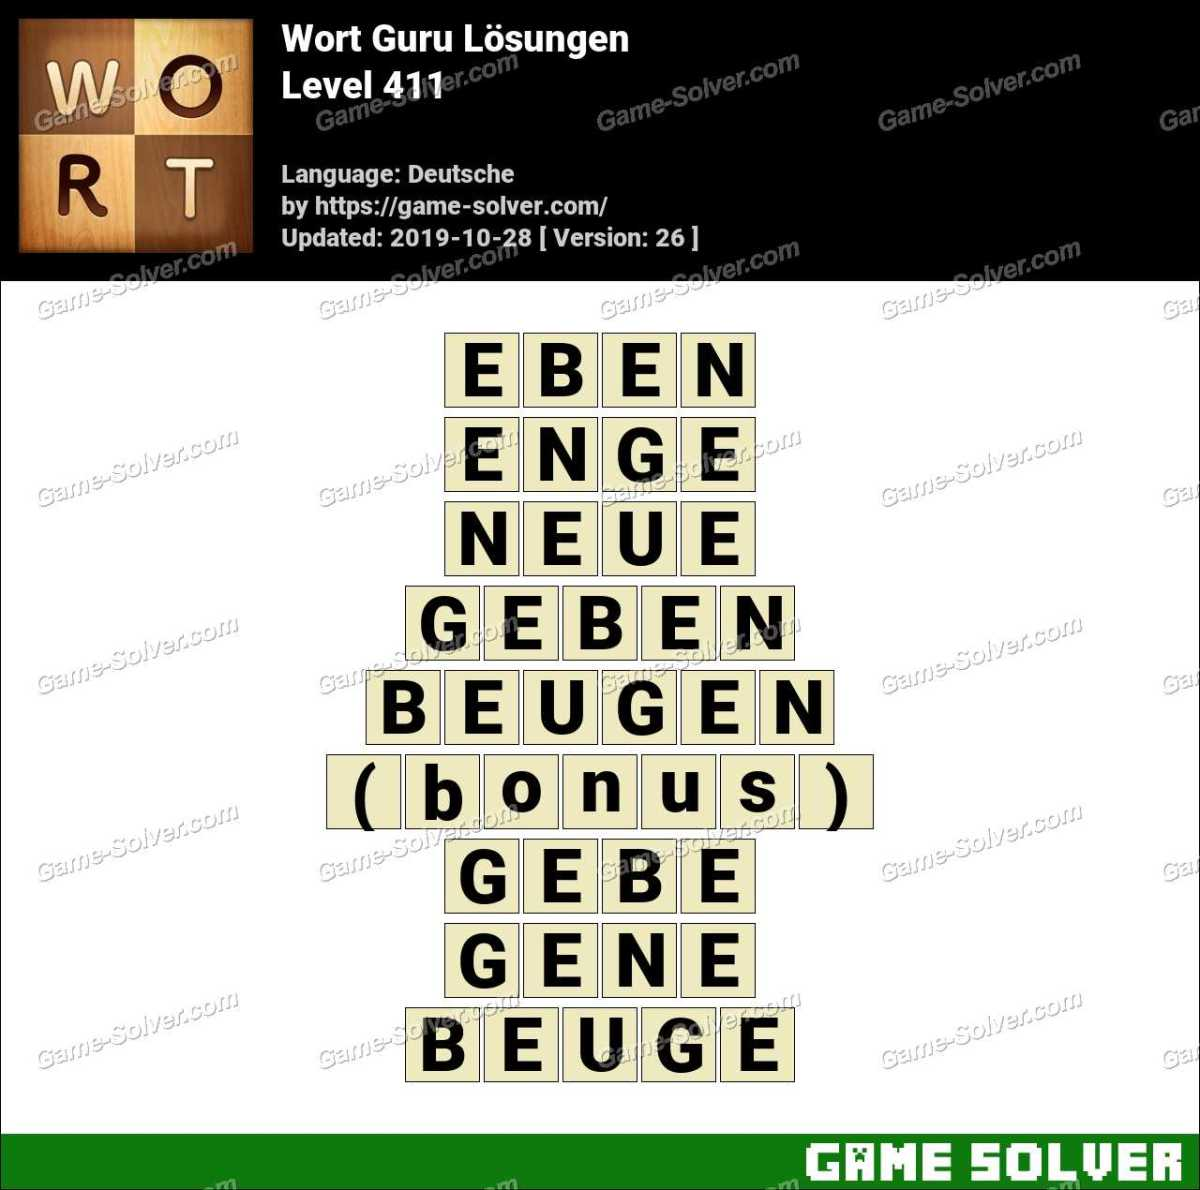 Wort Guru Level 411 Lösungen